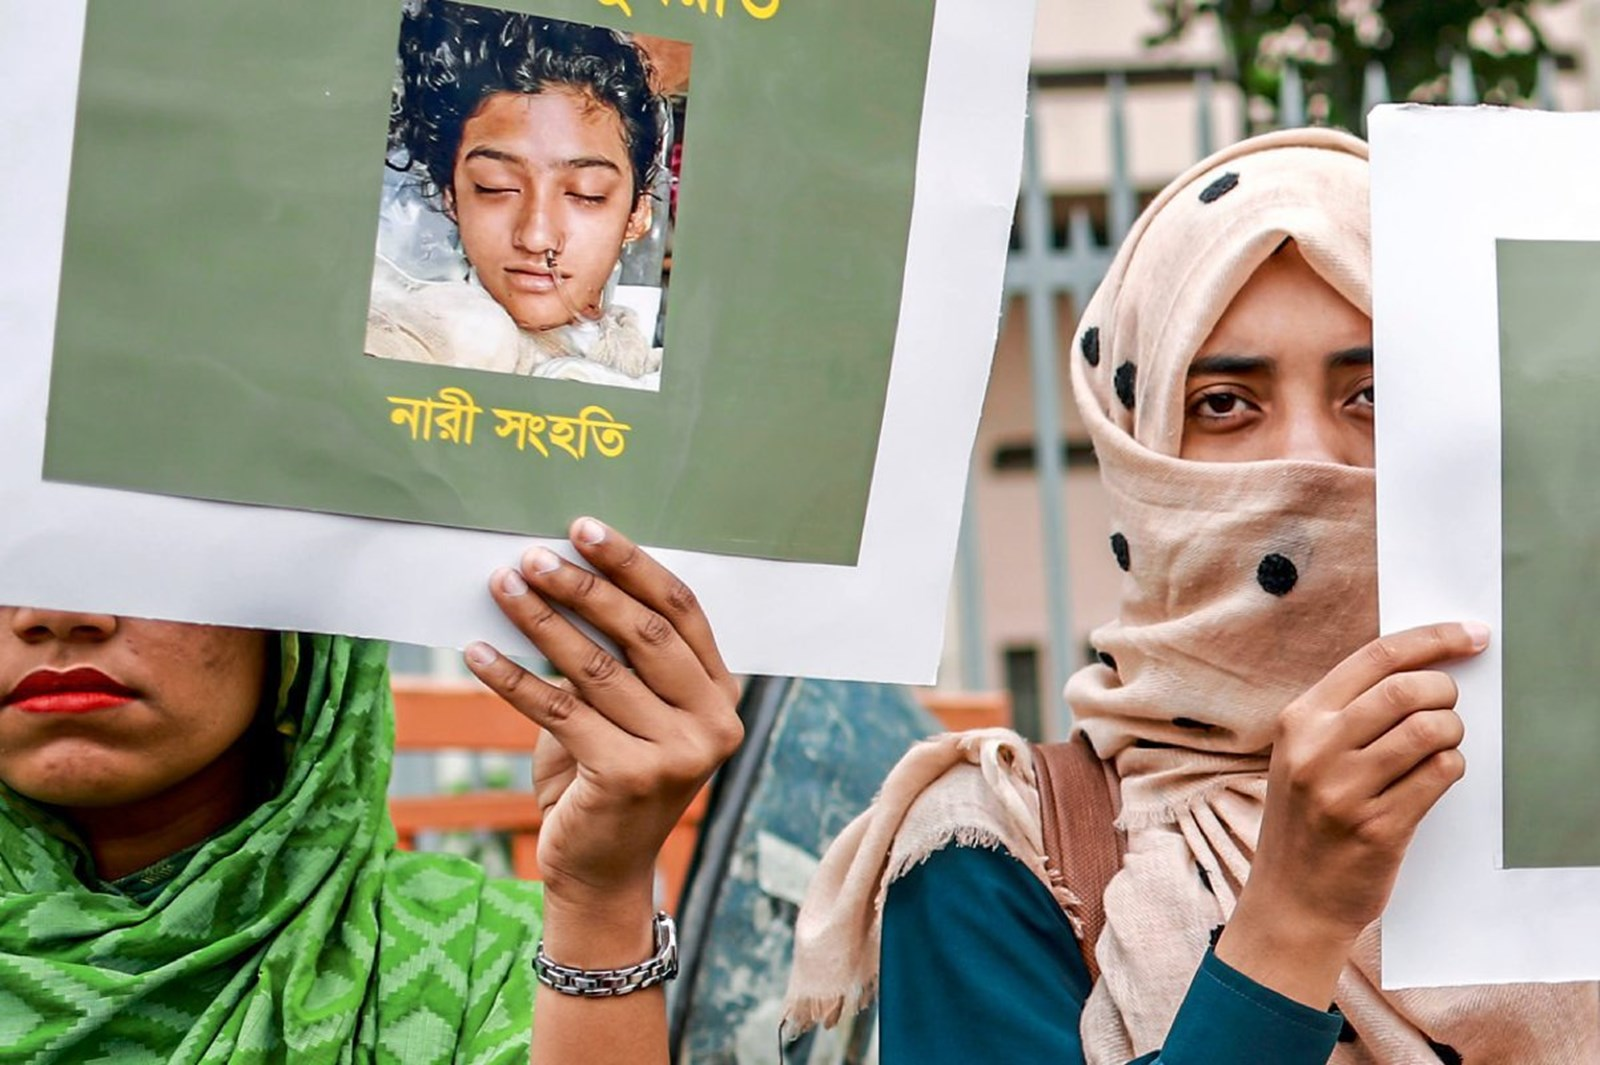 Schulleiter ordnete nach Vergewaltigungsvorwurf Verbrennung von Frau an